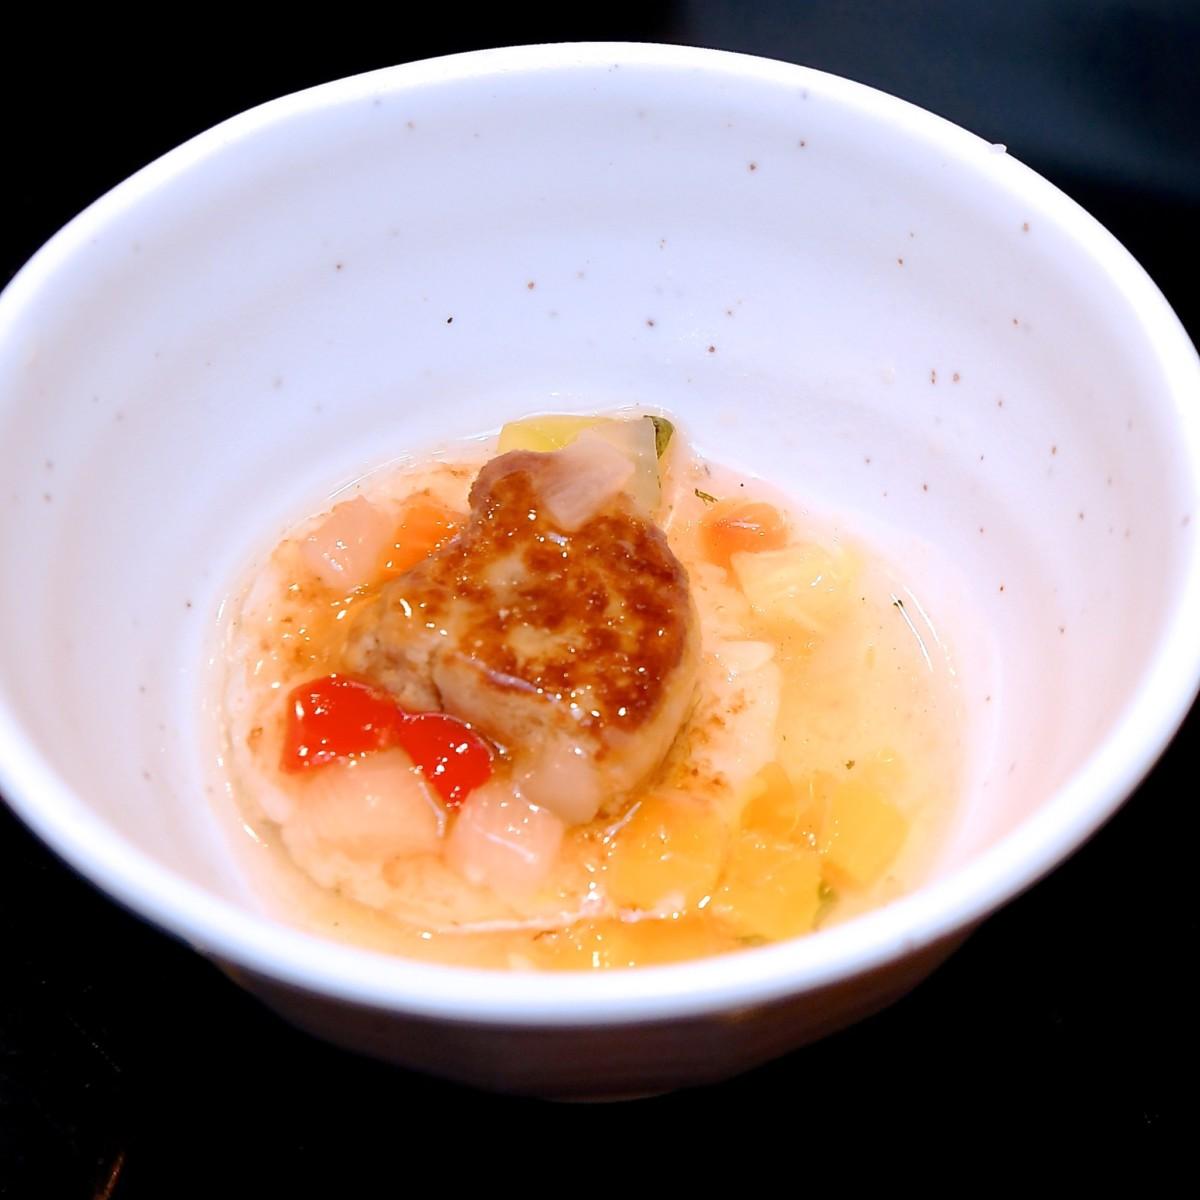 ディナー限定 鉄板 焼チーズリゾット スープ仕立て フォアグラ添え アップ